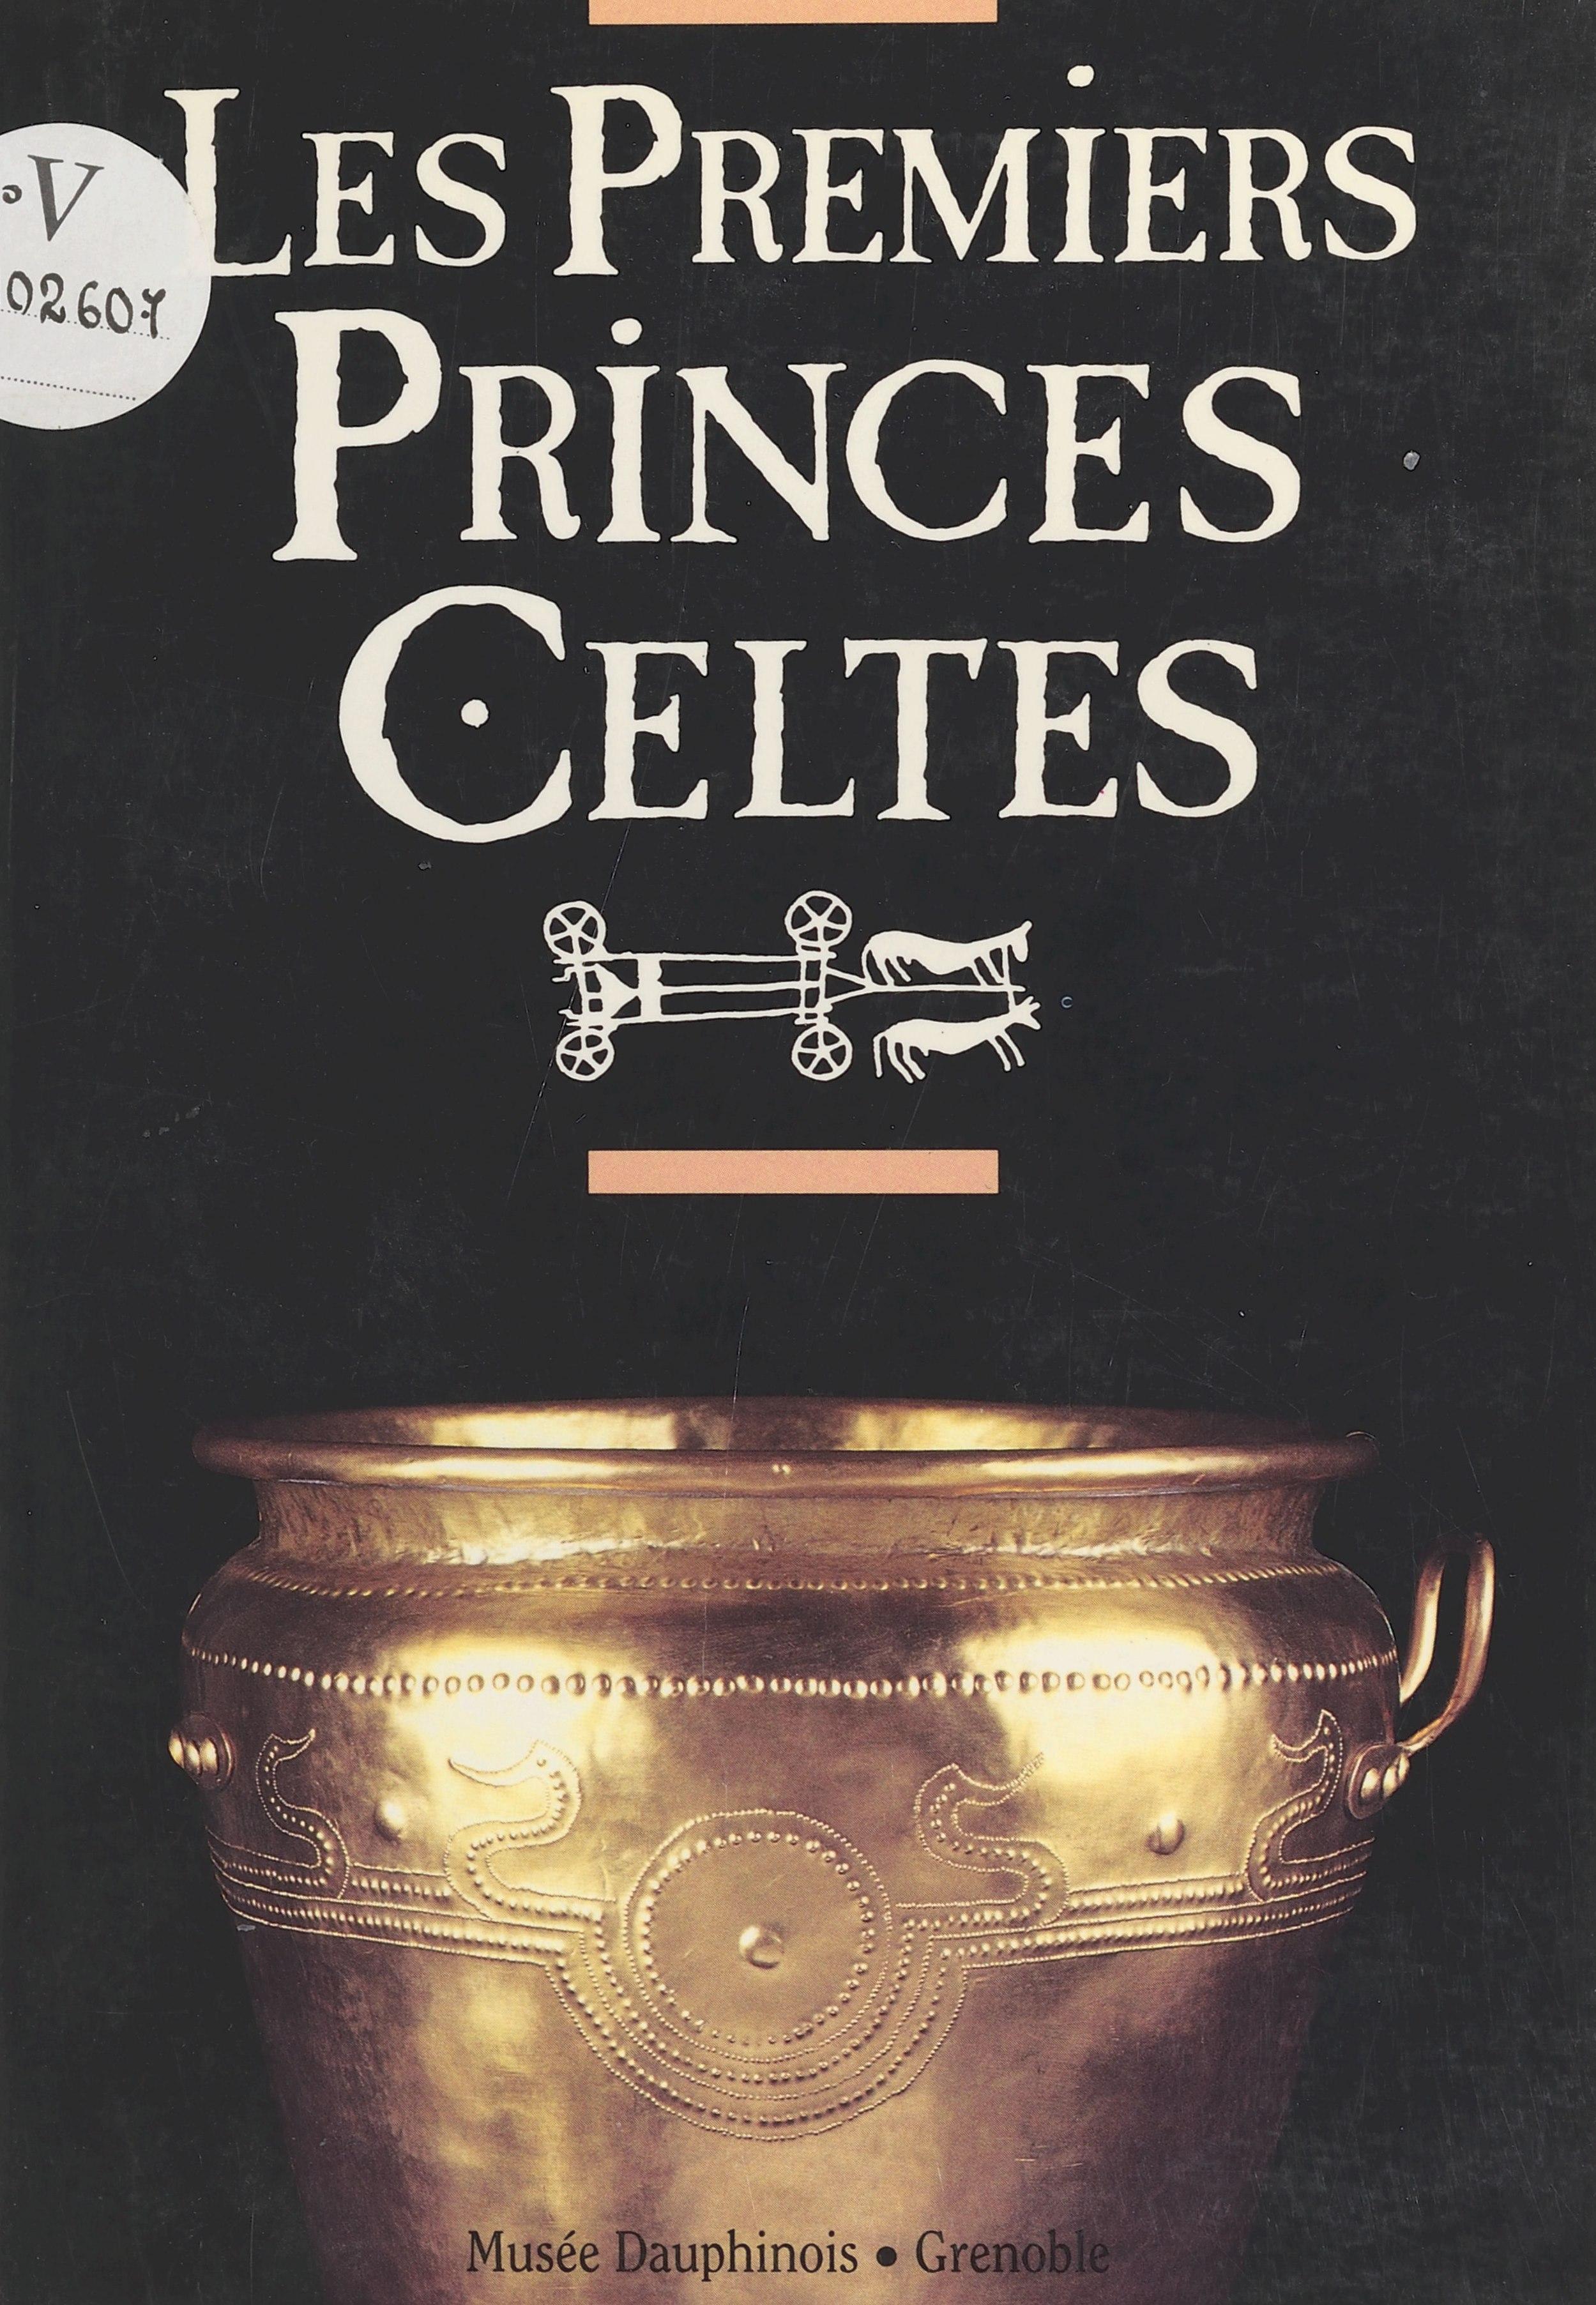 Les premiers princes celtes (2000 à 750 av. J.-C.) : autour de la tombe de Saint-Romain-de-Jalionas